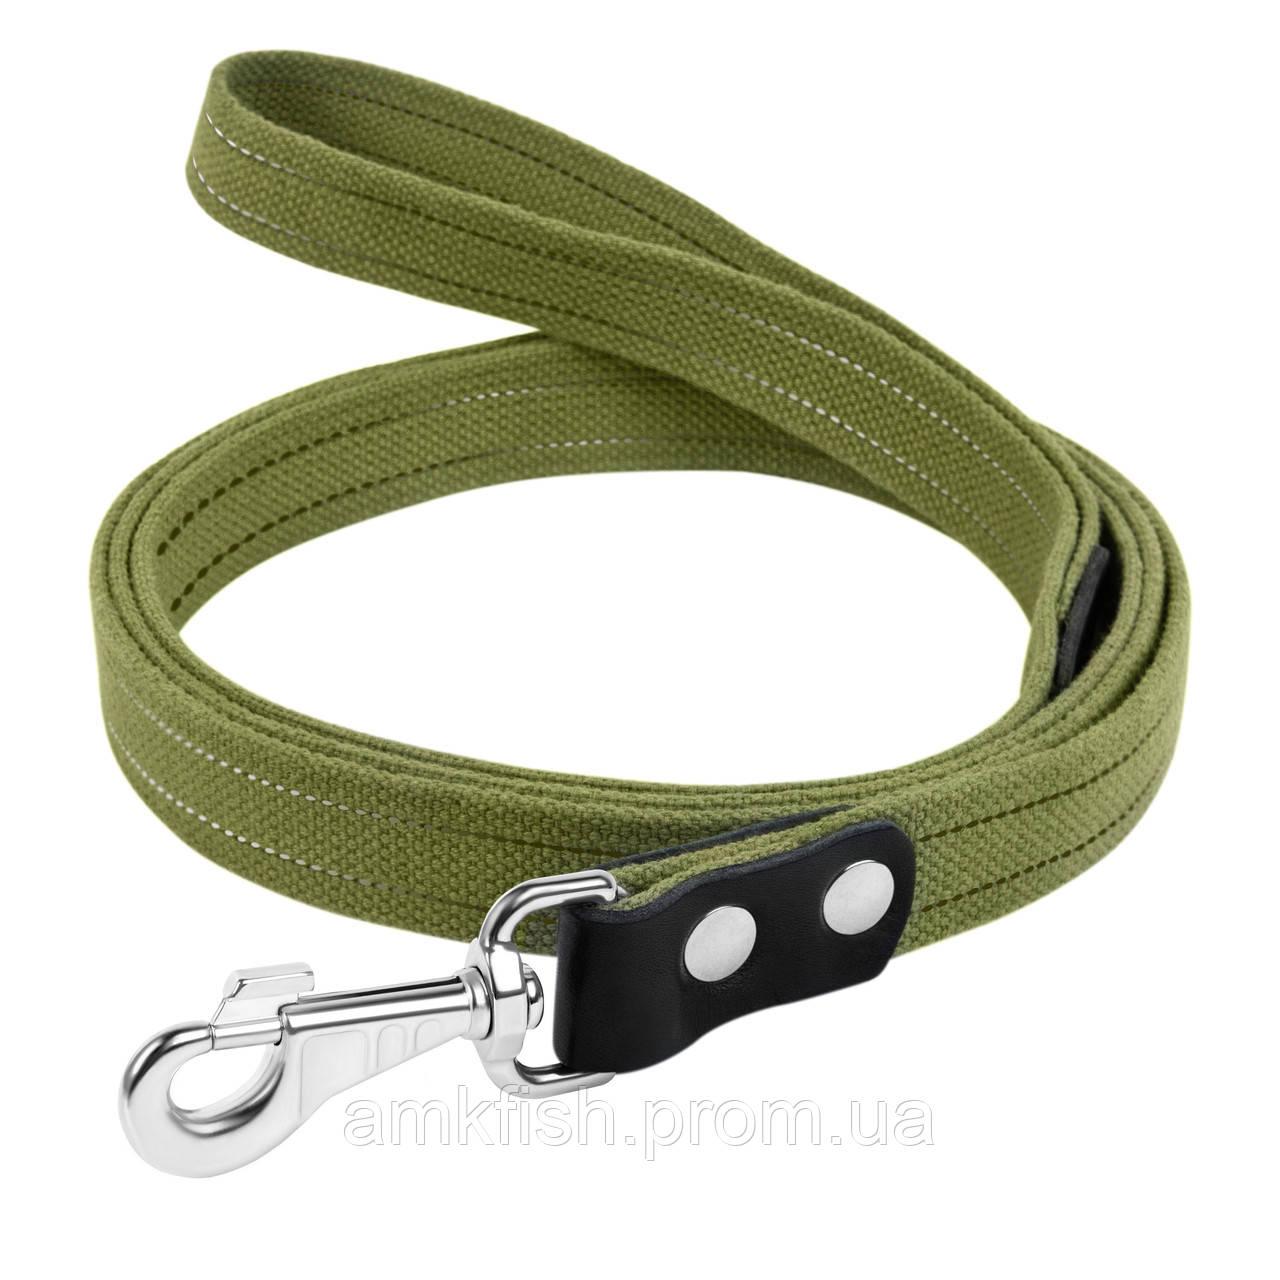 Поводок Collar брезент для собак 300смх25мм